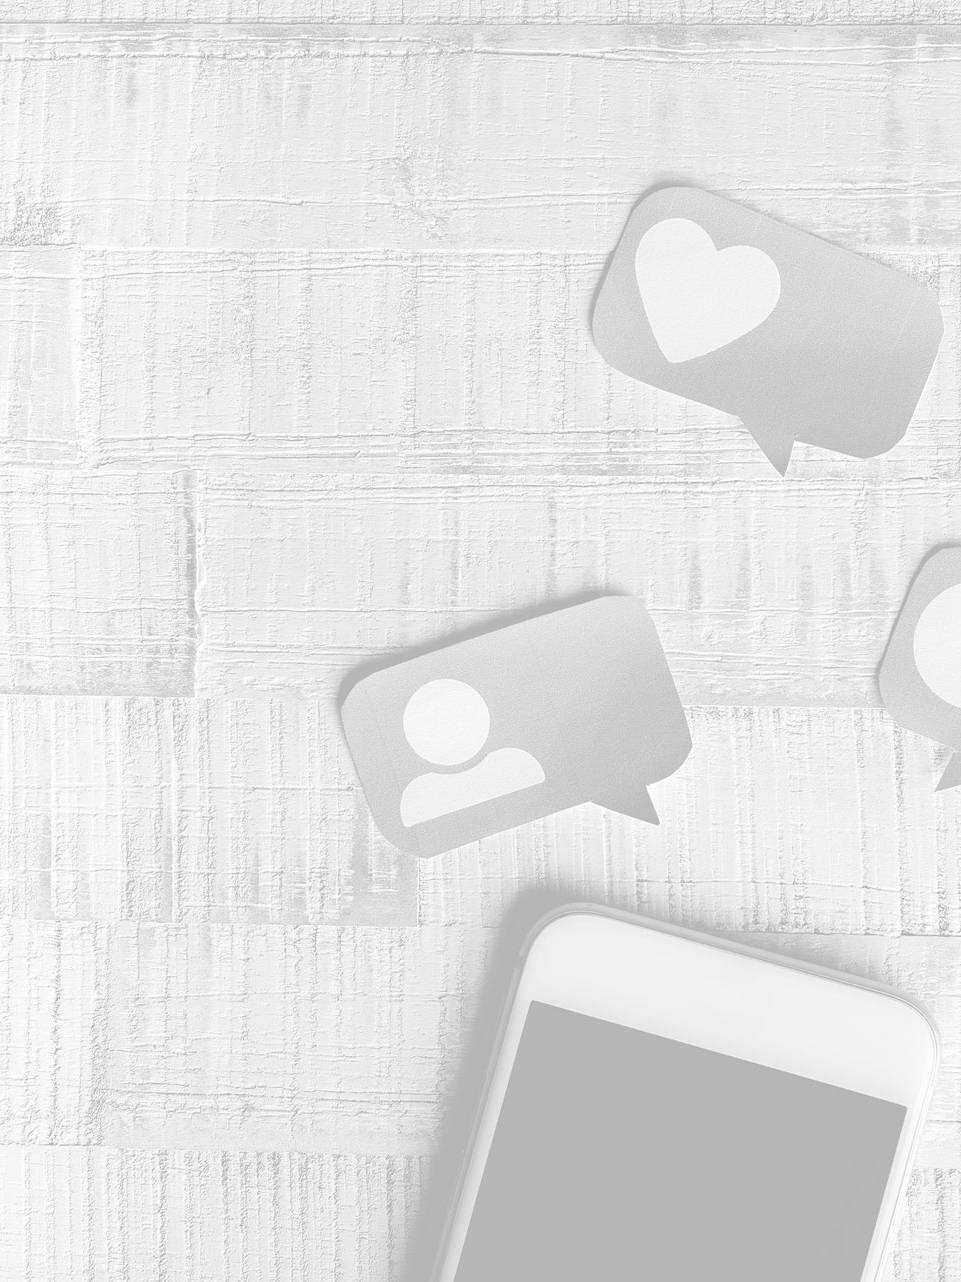 social media top tips